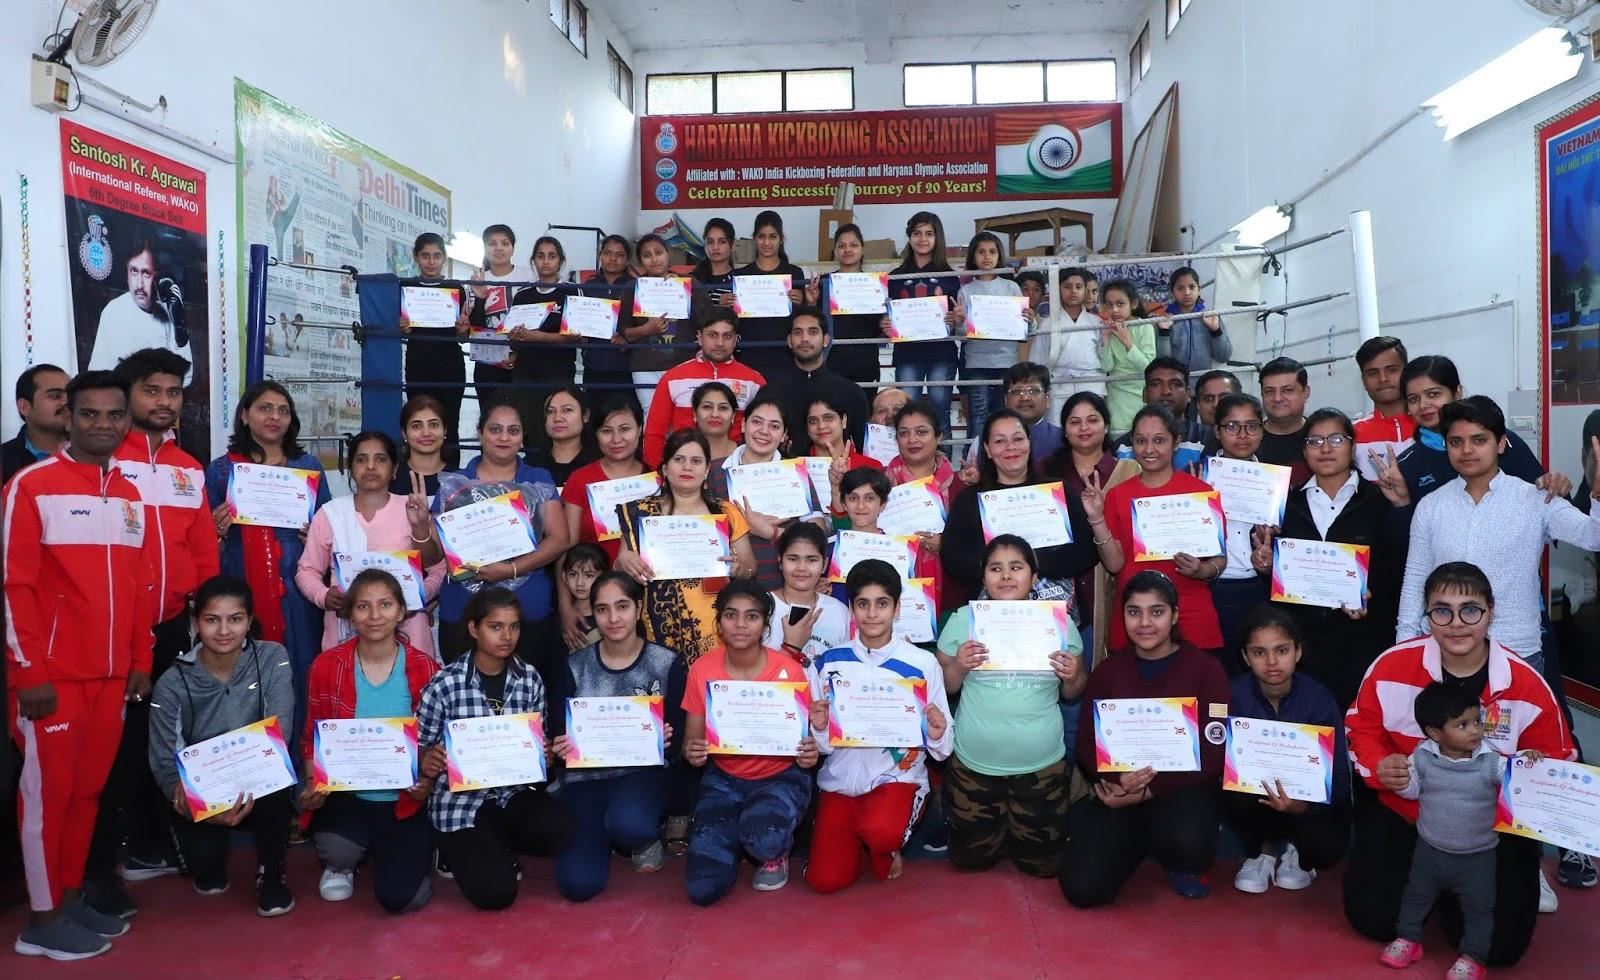 अंतर्राष्ट्रीय महिला दिवस पर किकबॉक्सिंग संघ द्वारा प्रशिक्षण केंद्र में मनाया गया